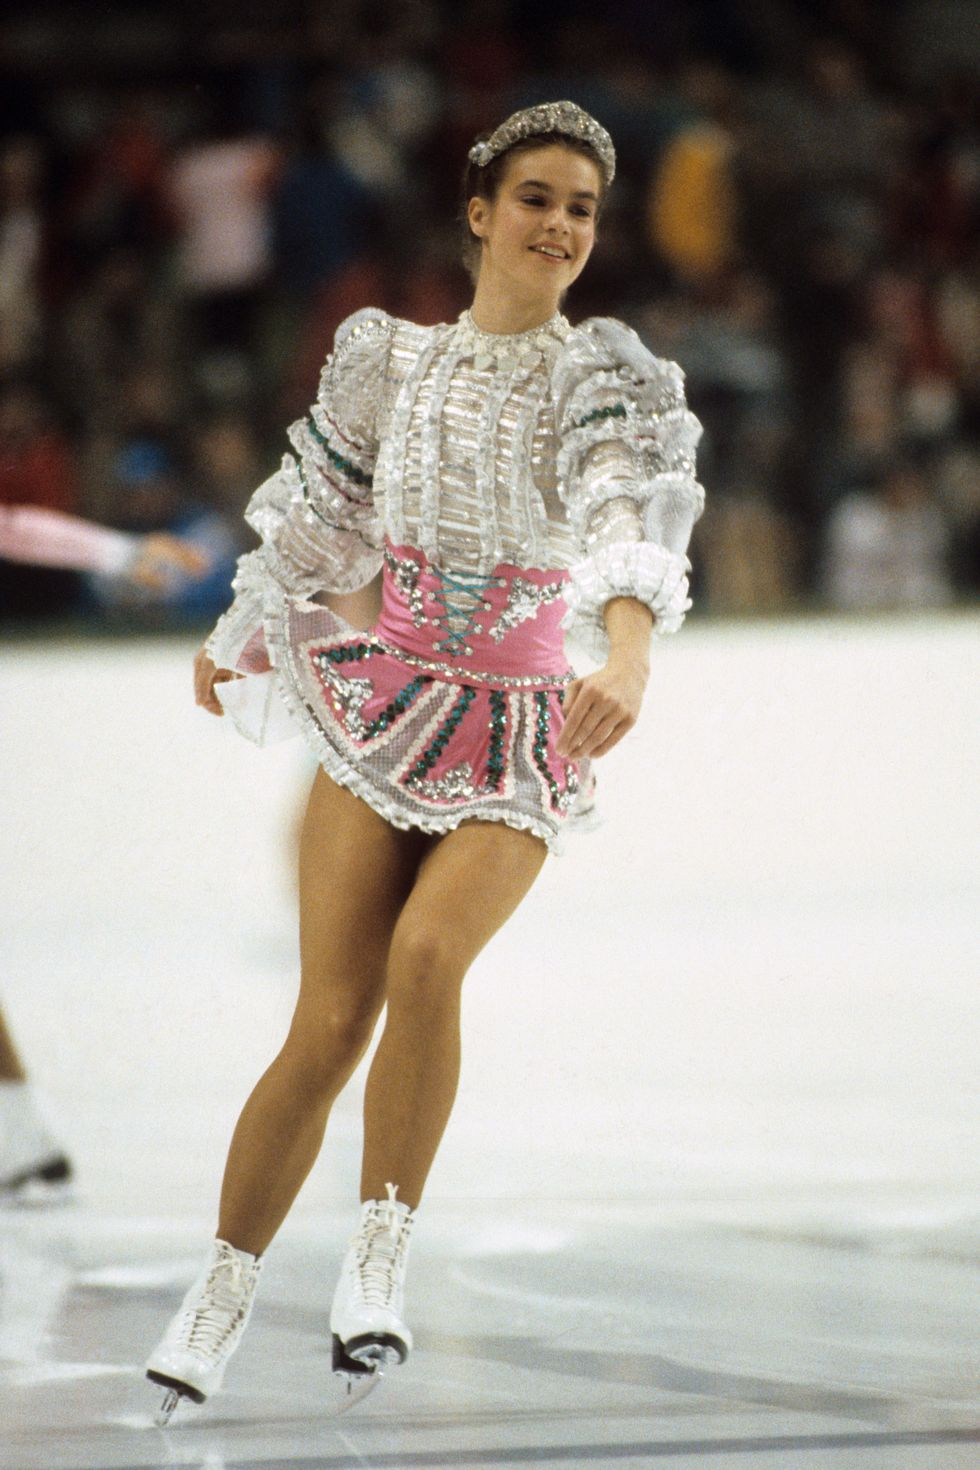 1984: Катарина Вит Фигуристката на Източна Германия обича да покорява с костюмите си - този бляскав аутфит и тиарата помагат за победата й в Югославия през 84-та, което е и първата Олимпиада в социалистическа държава.